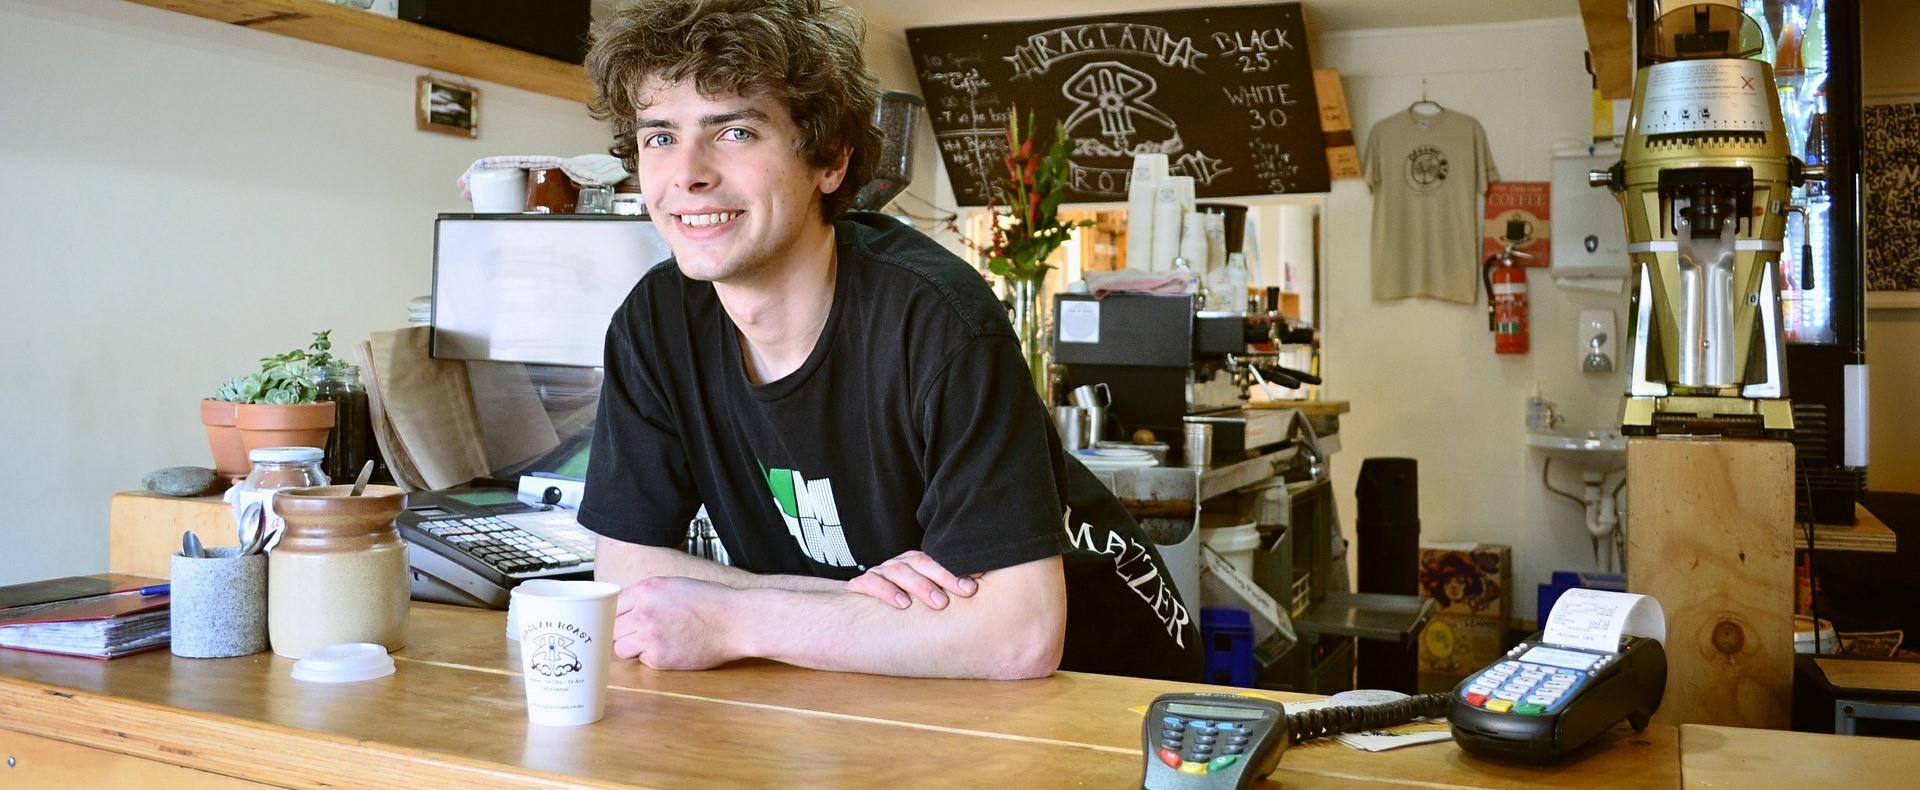 NAV: adóköteles a nyári diákmunkával szerzett jövedelem is